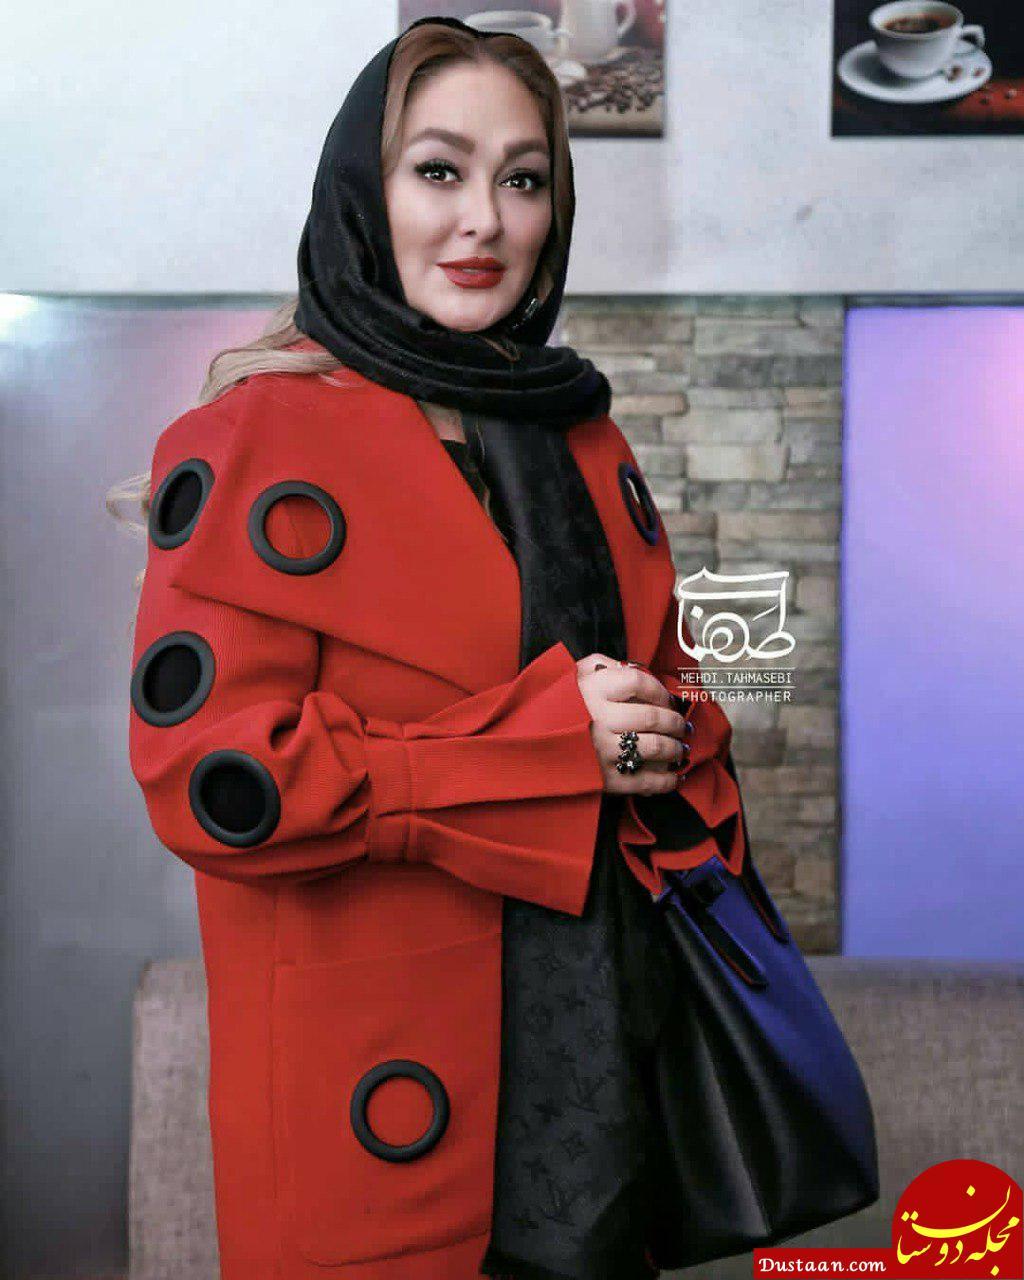 الهام حمیدی،رز رضوی و سام درخشانی در اکران مردمی فیلم تخته گاز